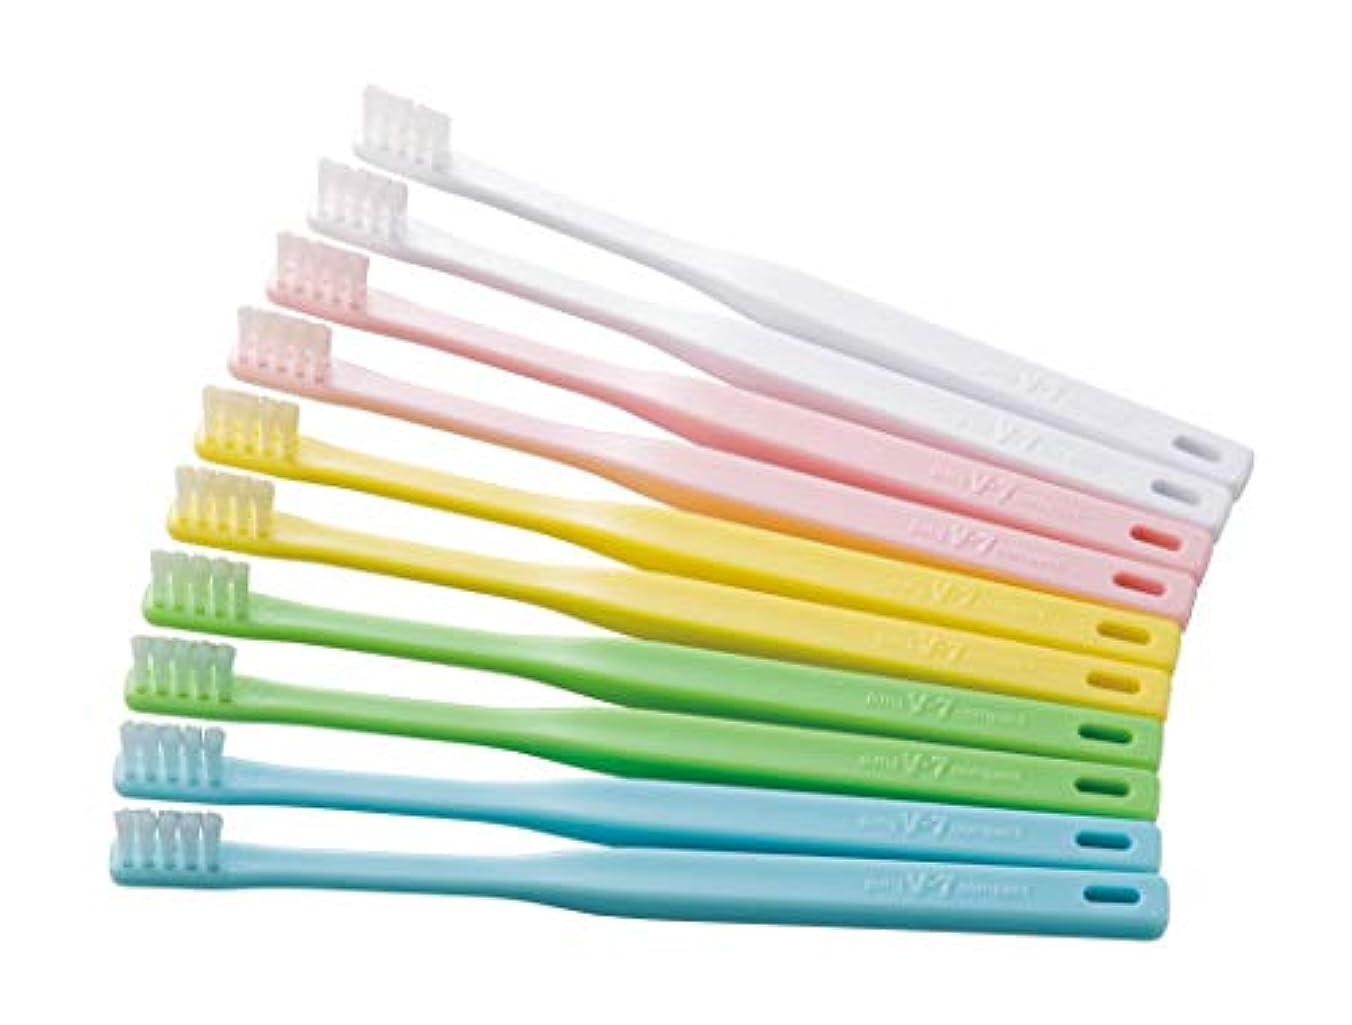 過敏なミリメートル誤解するつまようじ法歯ブラシ V-7 コンパクトヘッド 10本入